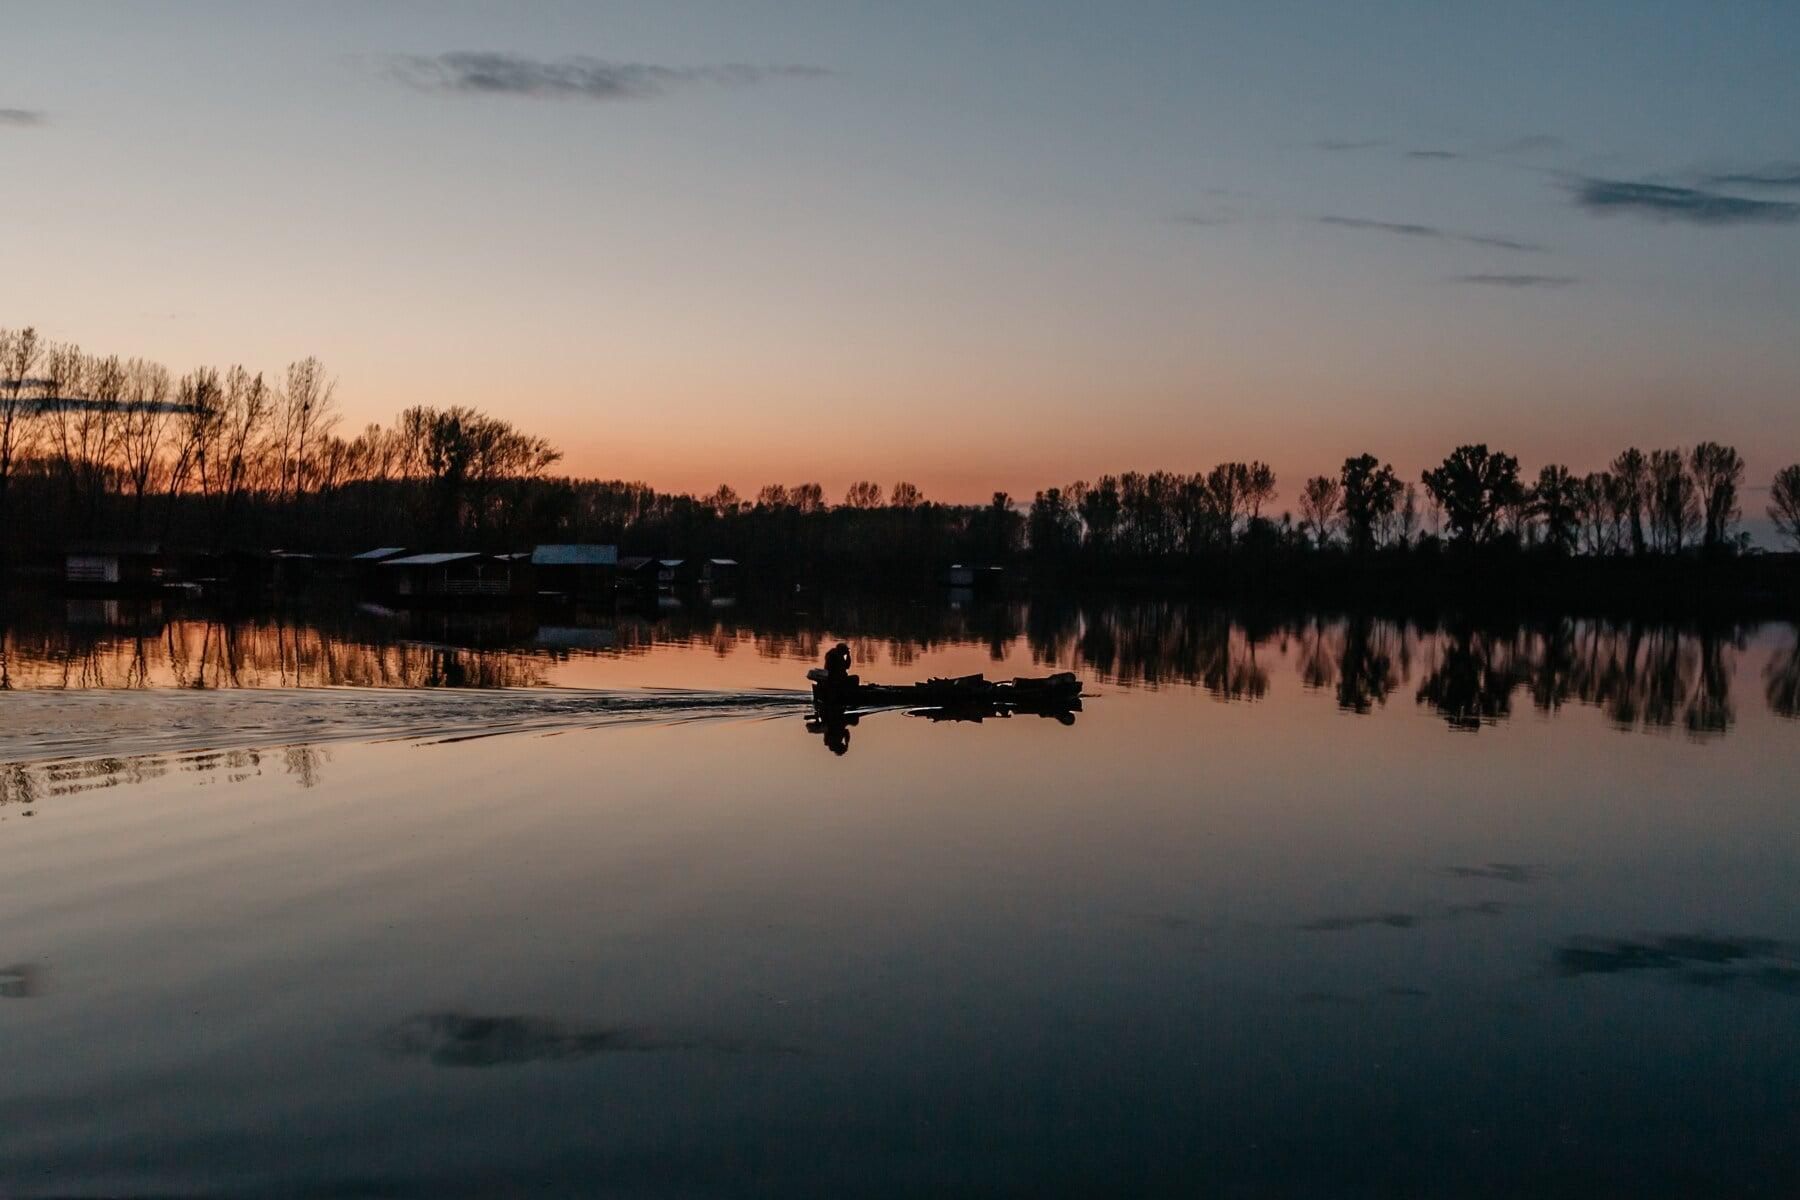 bateau de pêche, pêcheur, coucher de soleil, réflecteur, silhouette, réflexion, atmosphère, niveau d'eau, aube, eau